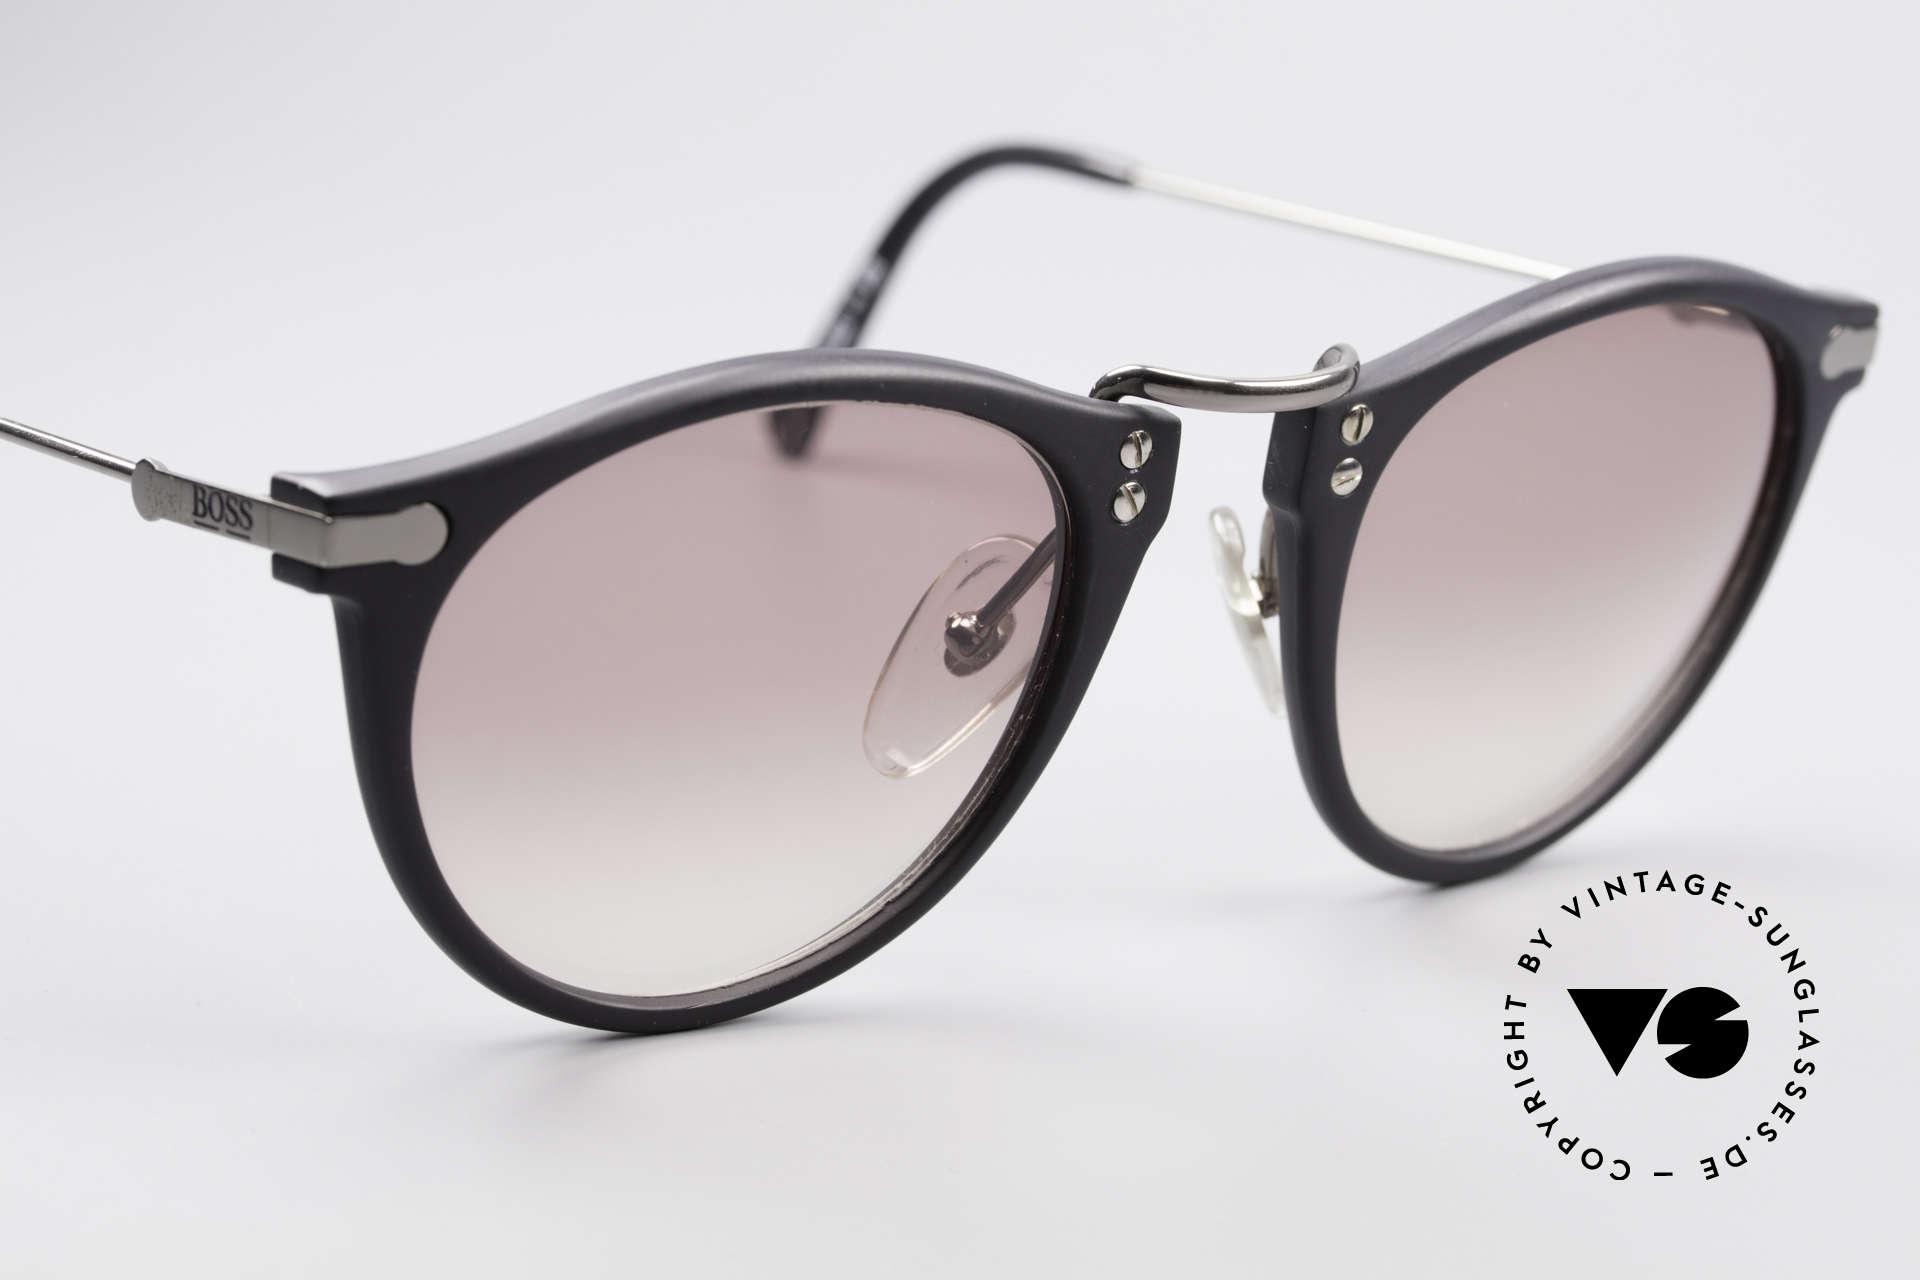 BOSS 5152 - L 90er Panto Sonnenbrille Large, unbenutzt (wie alle unsere alten PantoSonnenbrillen), Passend für Herren